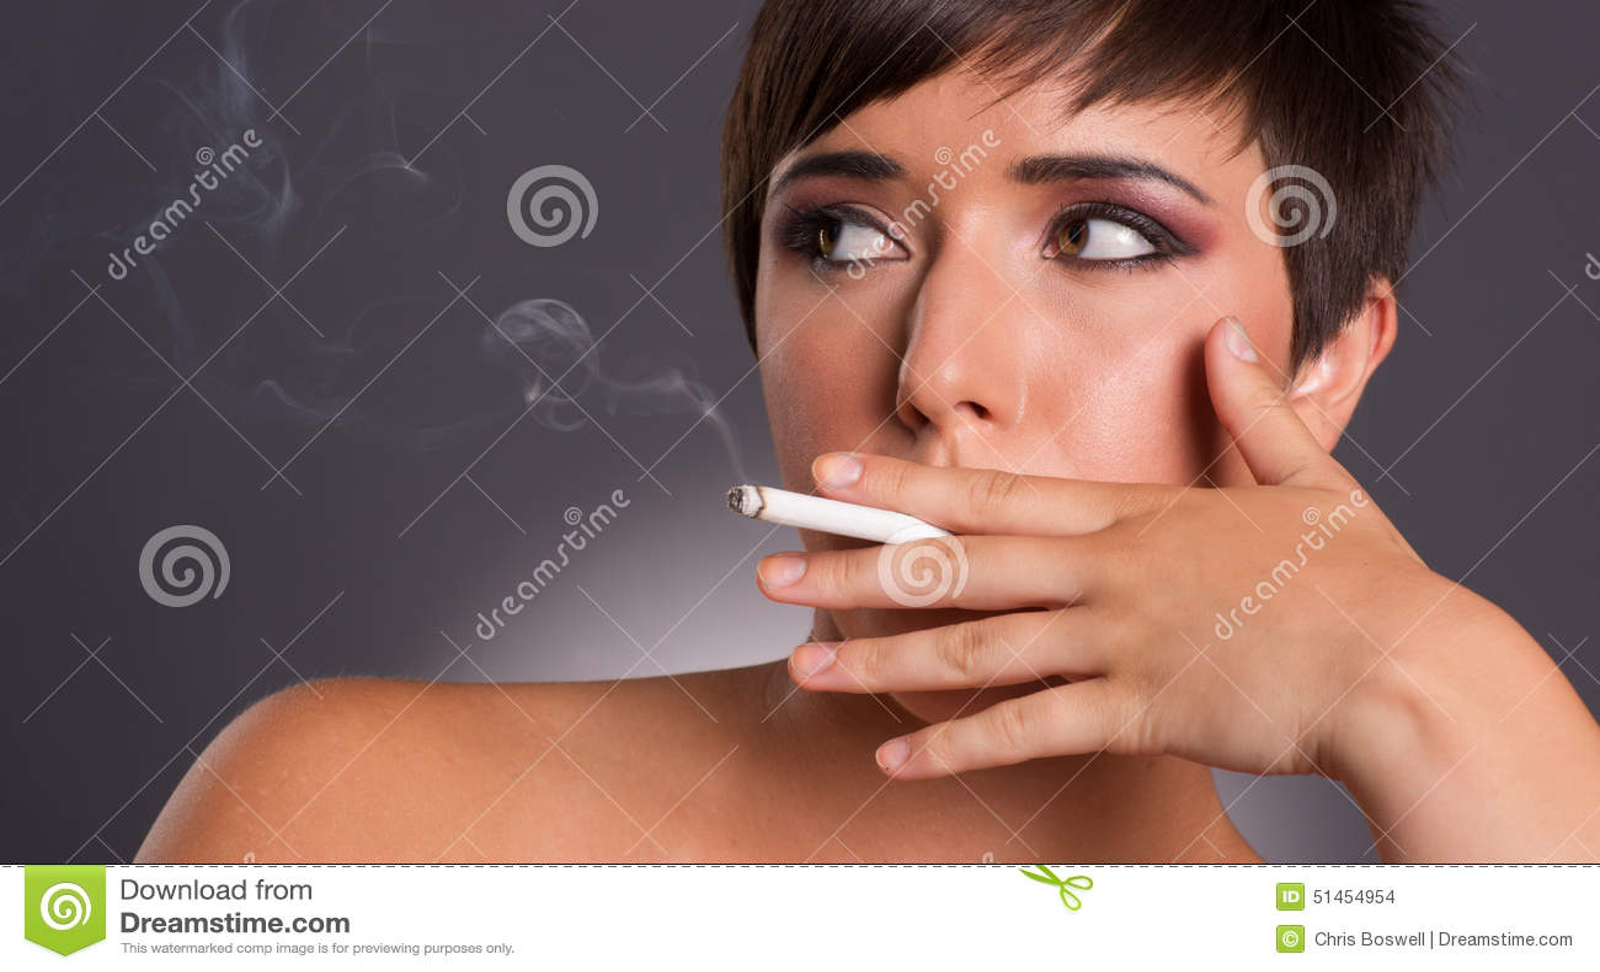 La mujer joven inhala el retrato íntimo del fumador del humo del cigarrillo